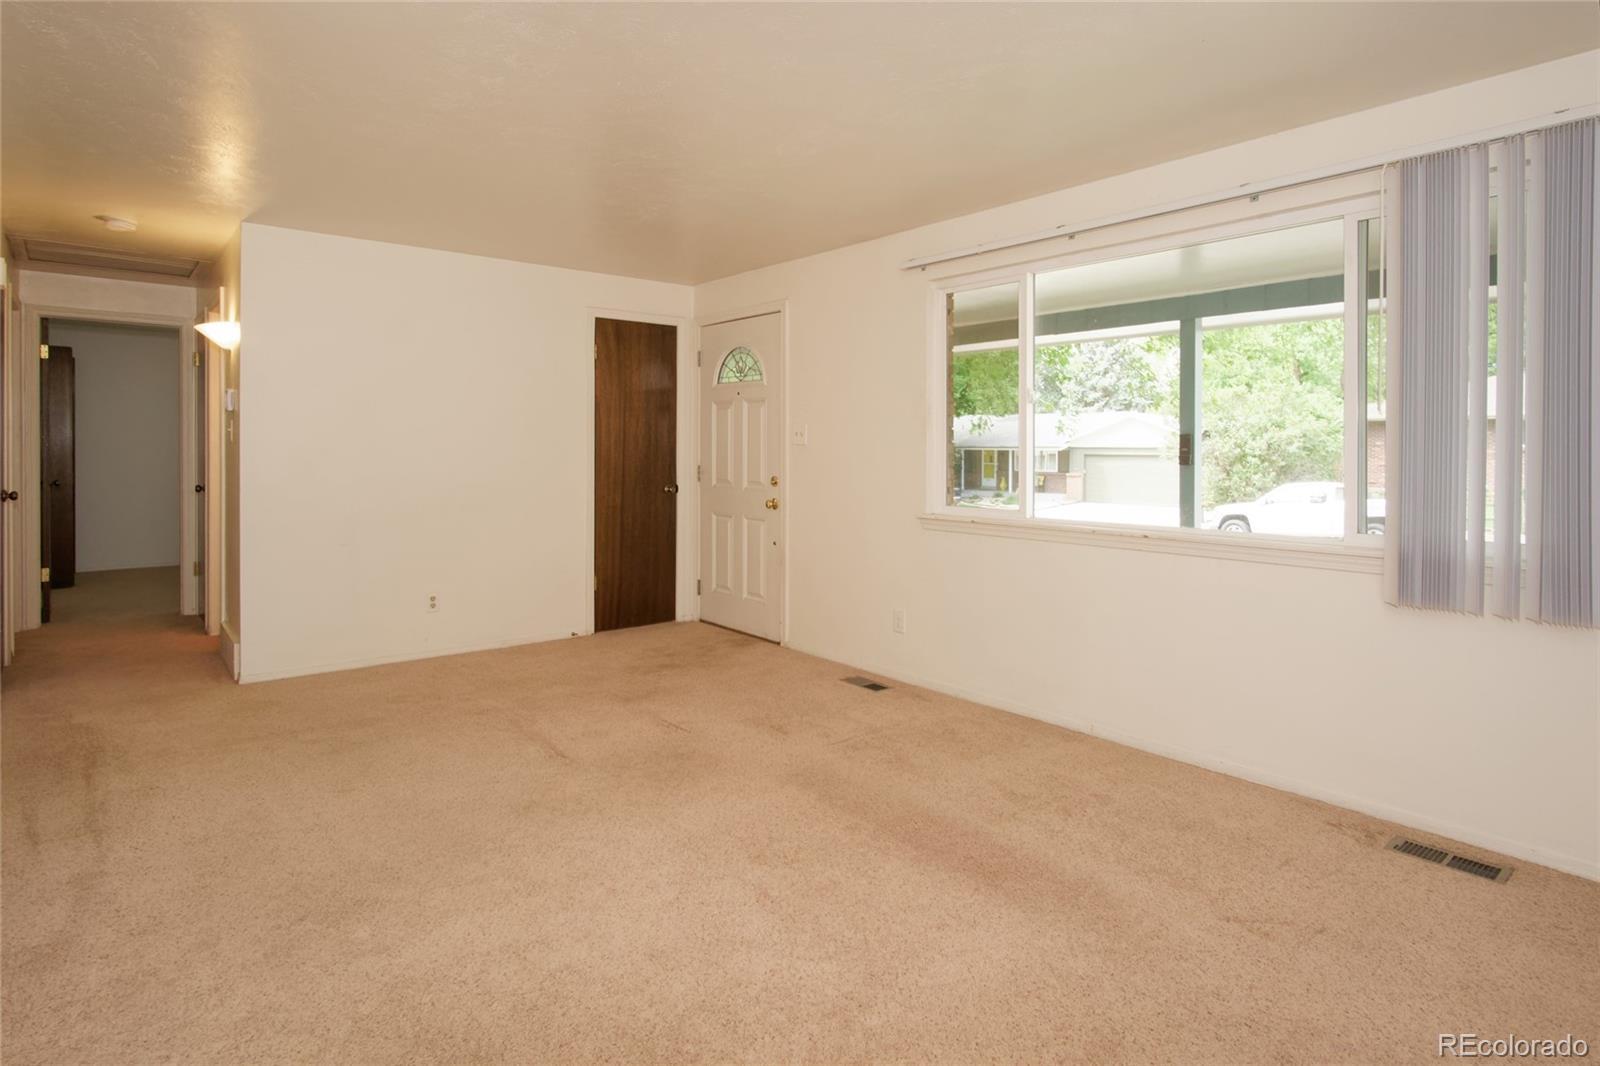 MLS# 5595766 - 4 - 2616 S Flower Street, Lakewood, CO 80227